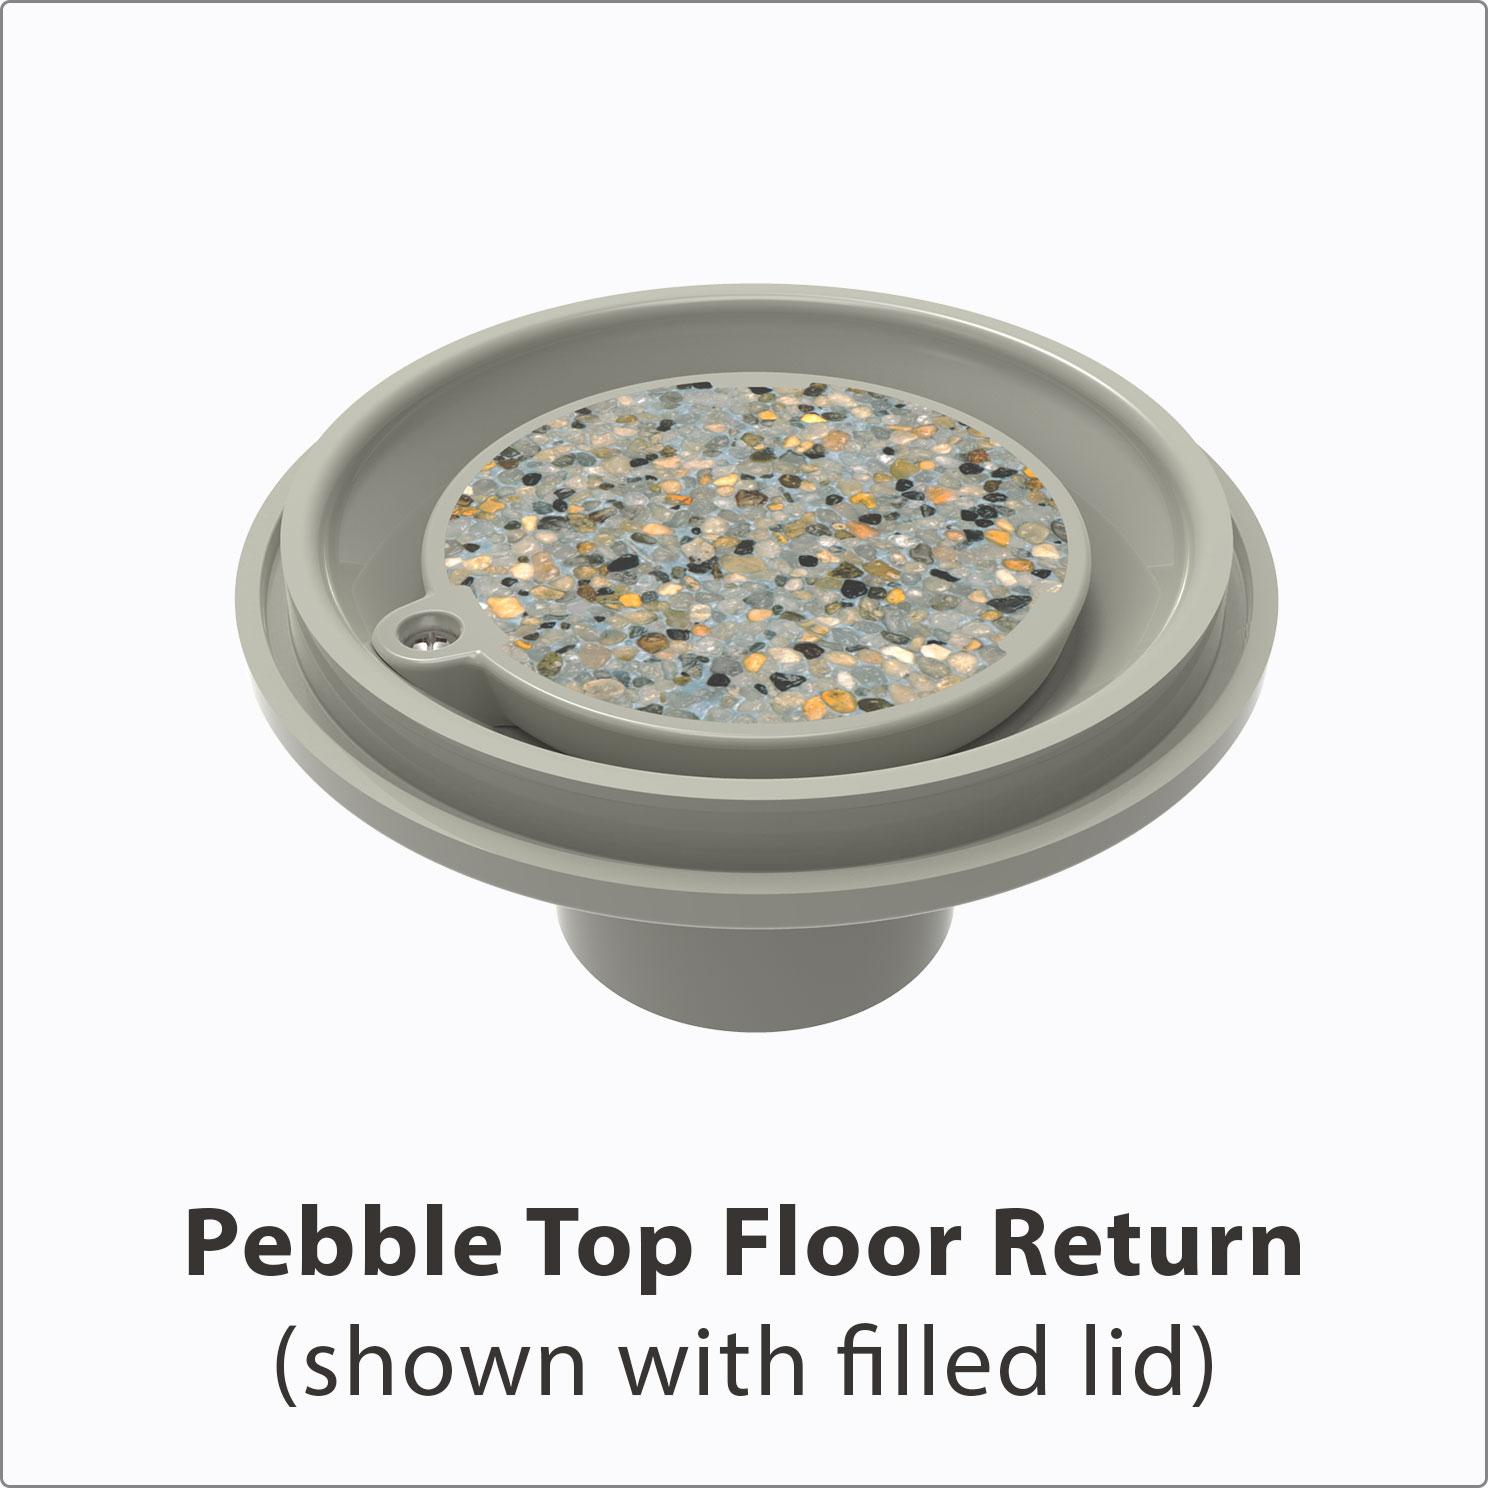 Pebble Top Floor Return Filled